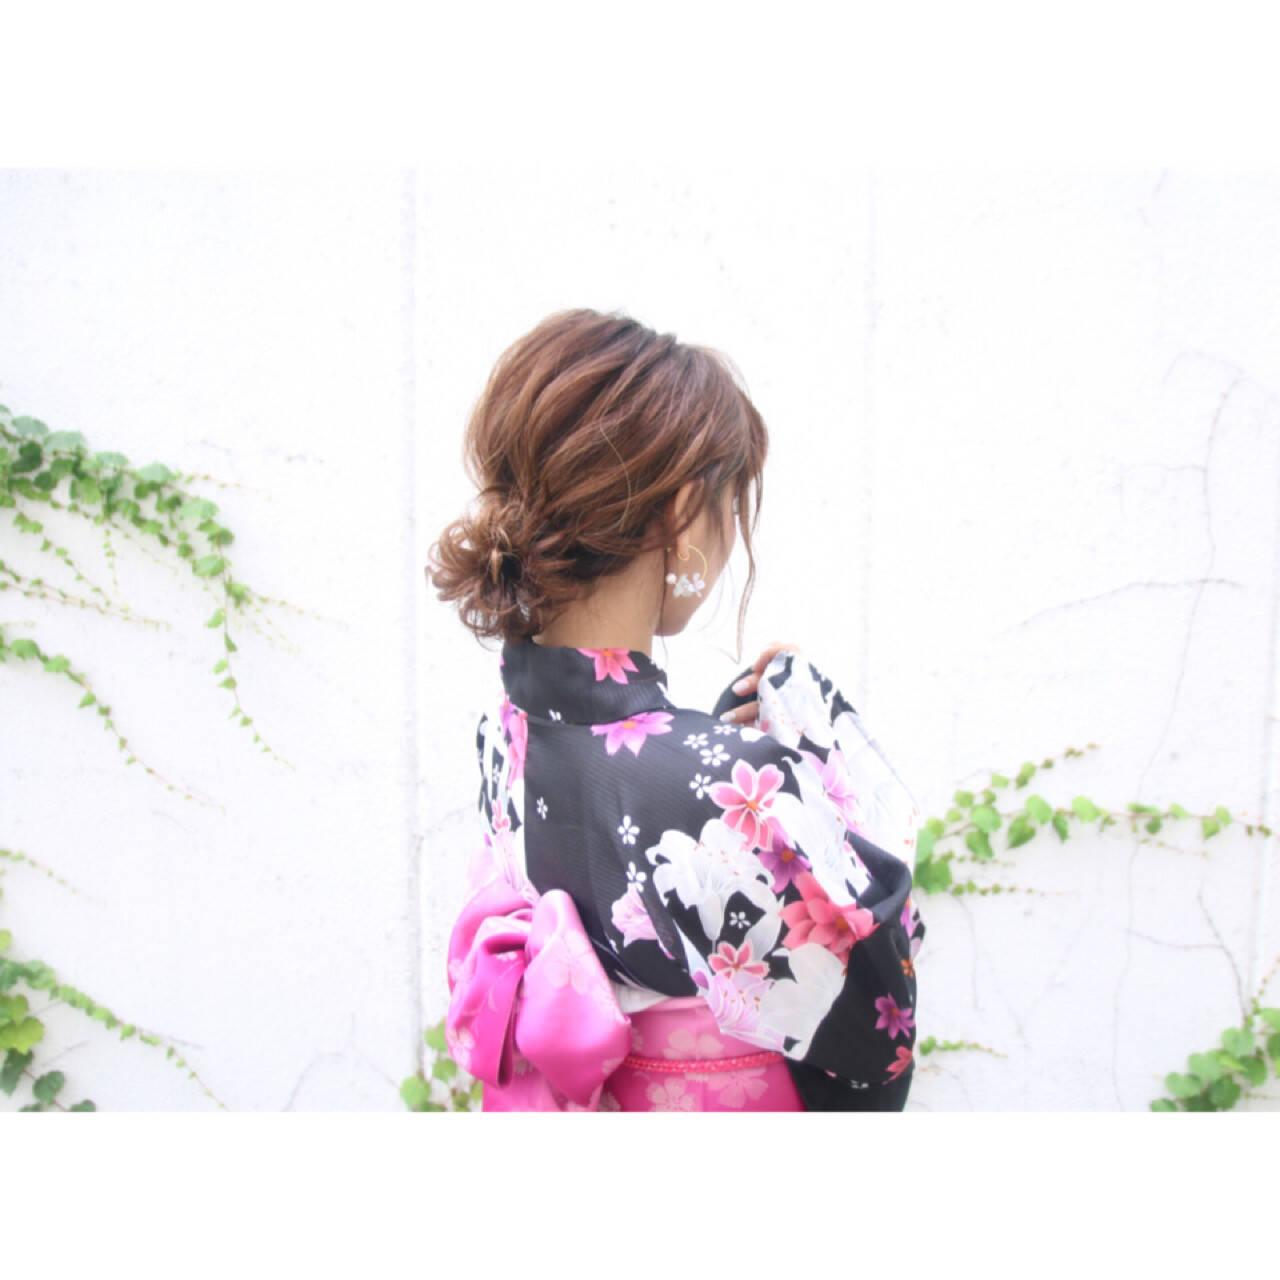 アップスタイル 花火大会 ヘアアレンジ ロングヘアスタイルや髪型の写真・画像